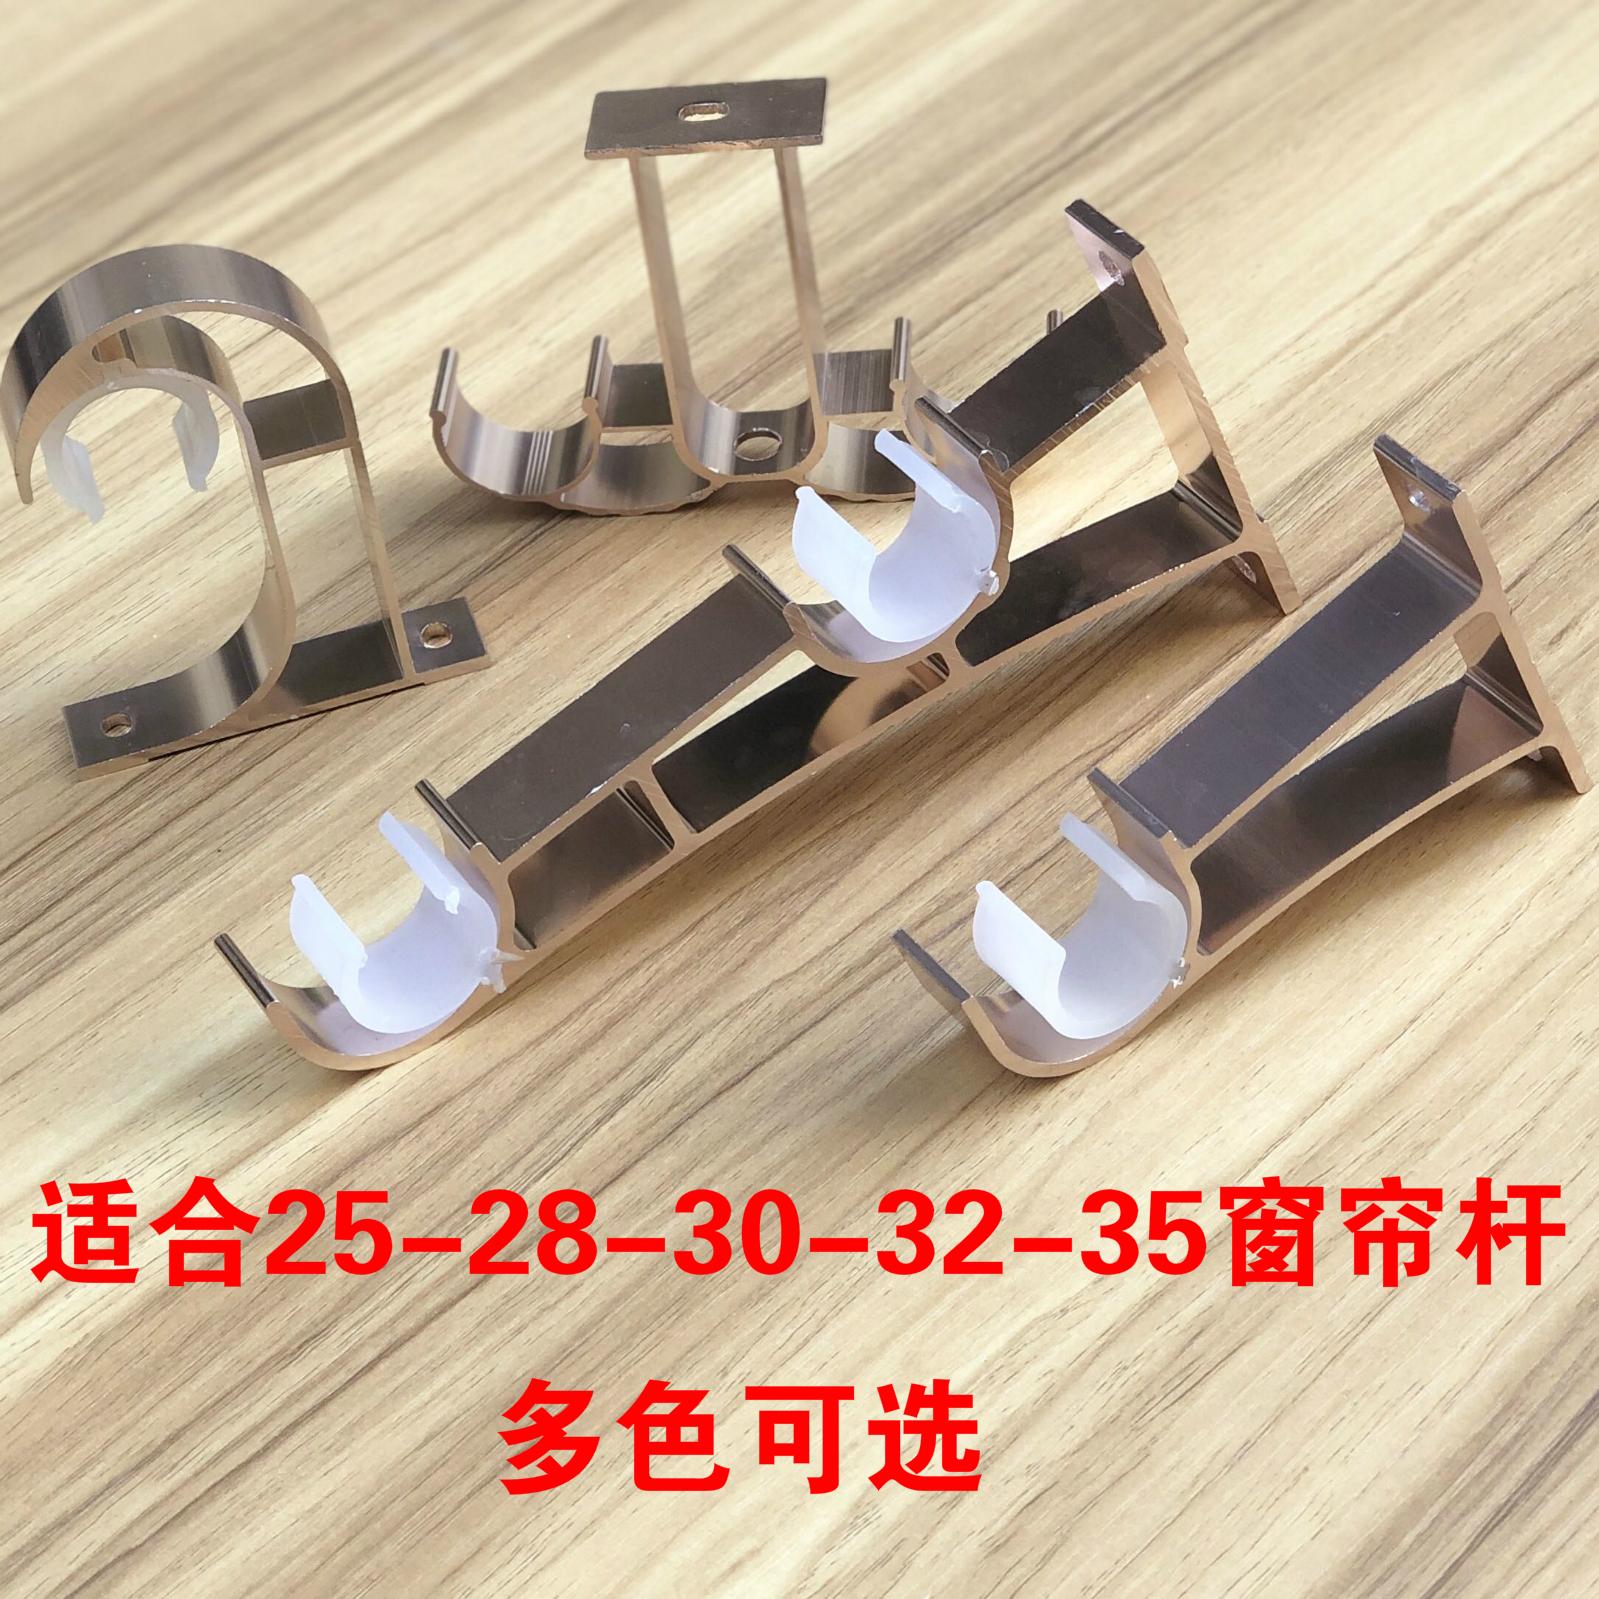 Товары для шитья / Товары для вышивания / Ткань Артикул 603418160152